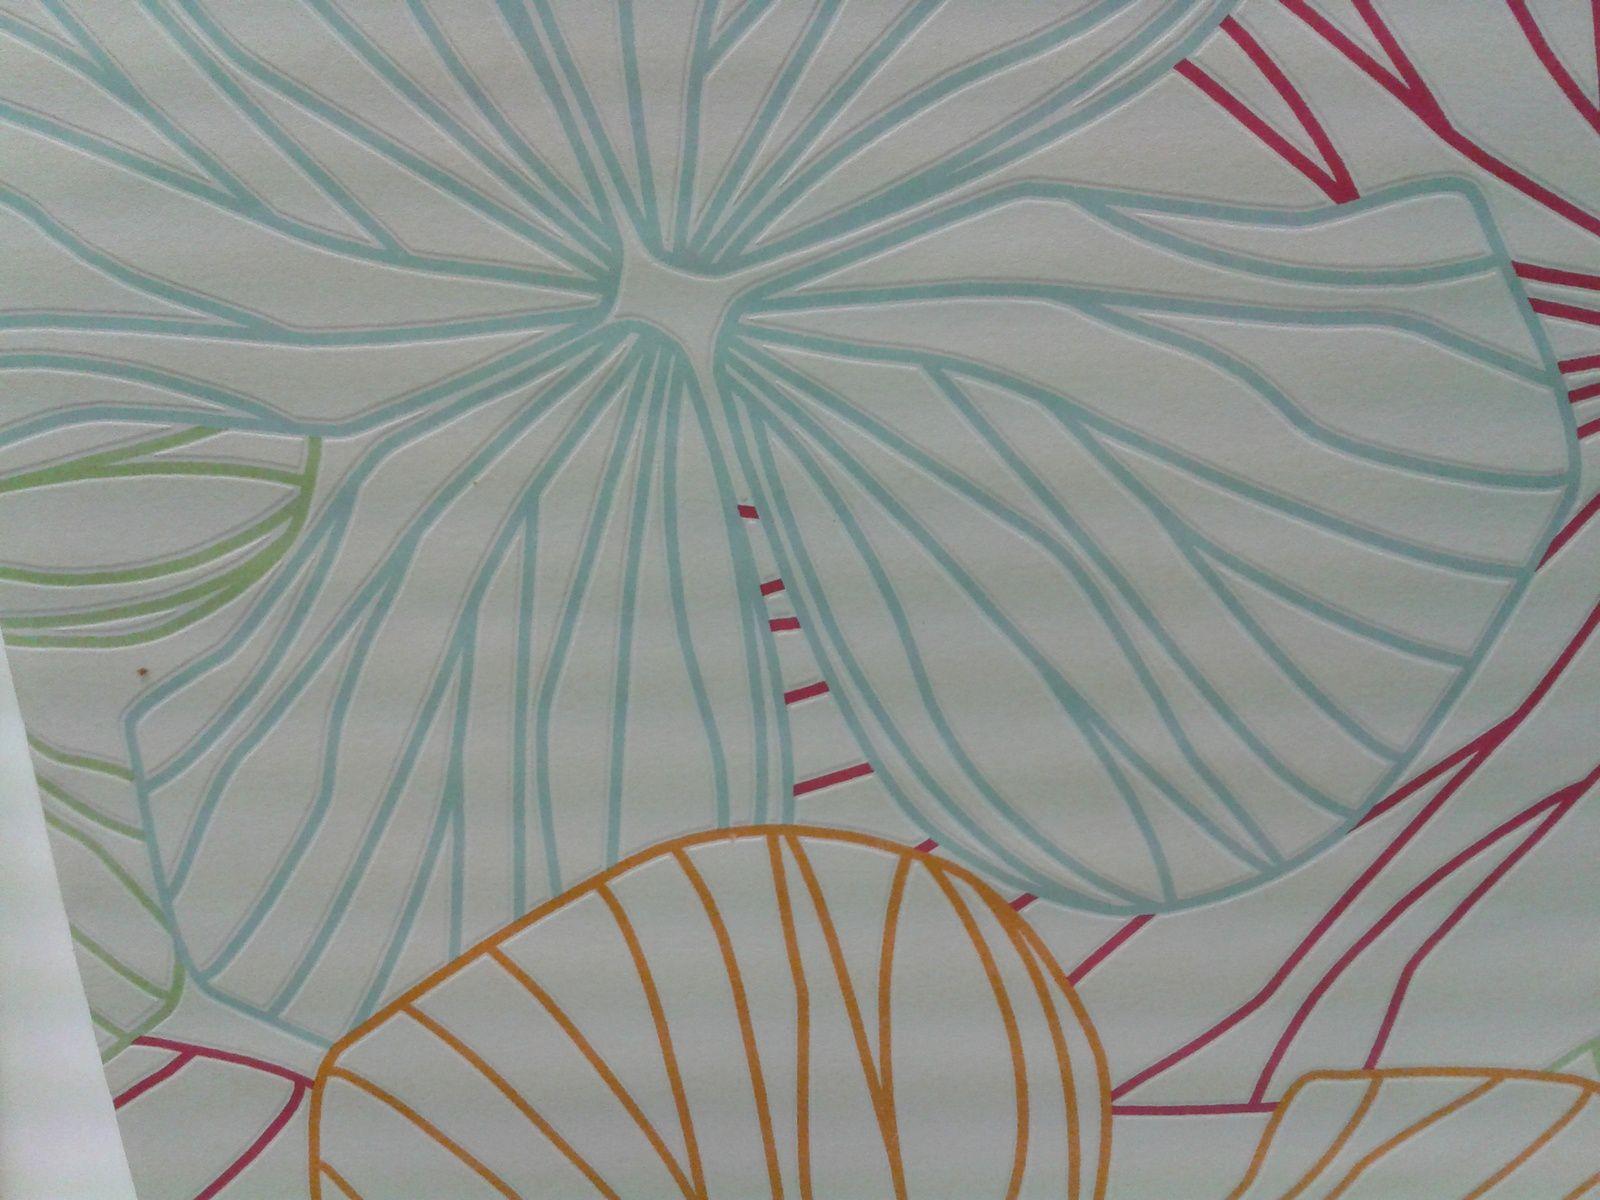 1. La colline 2.Un des petits livres de Yaël. 3 et 4 Couverture illustrée en tapisserie 5 Travail de sélection de phrases et de copie 6 et7 Extraits d'affiches 8,9 et 13 Travail de sélection d'informations sur de courts textes sélectionnés et mise en valeur des choix sous forme de lettres parchemin 10 et 12 La cité des bleuets 11L'amour de Jacques pour Anna : sélection de phrases et mise en valeur 14 Les livres dans le bibliobus de Souad 15 Le bibliobus